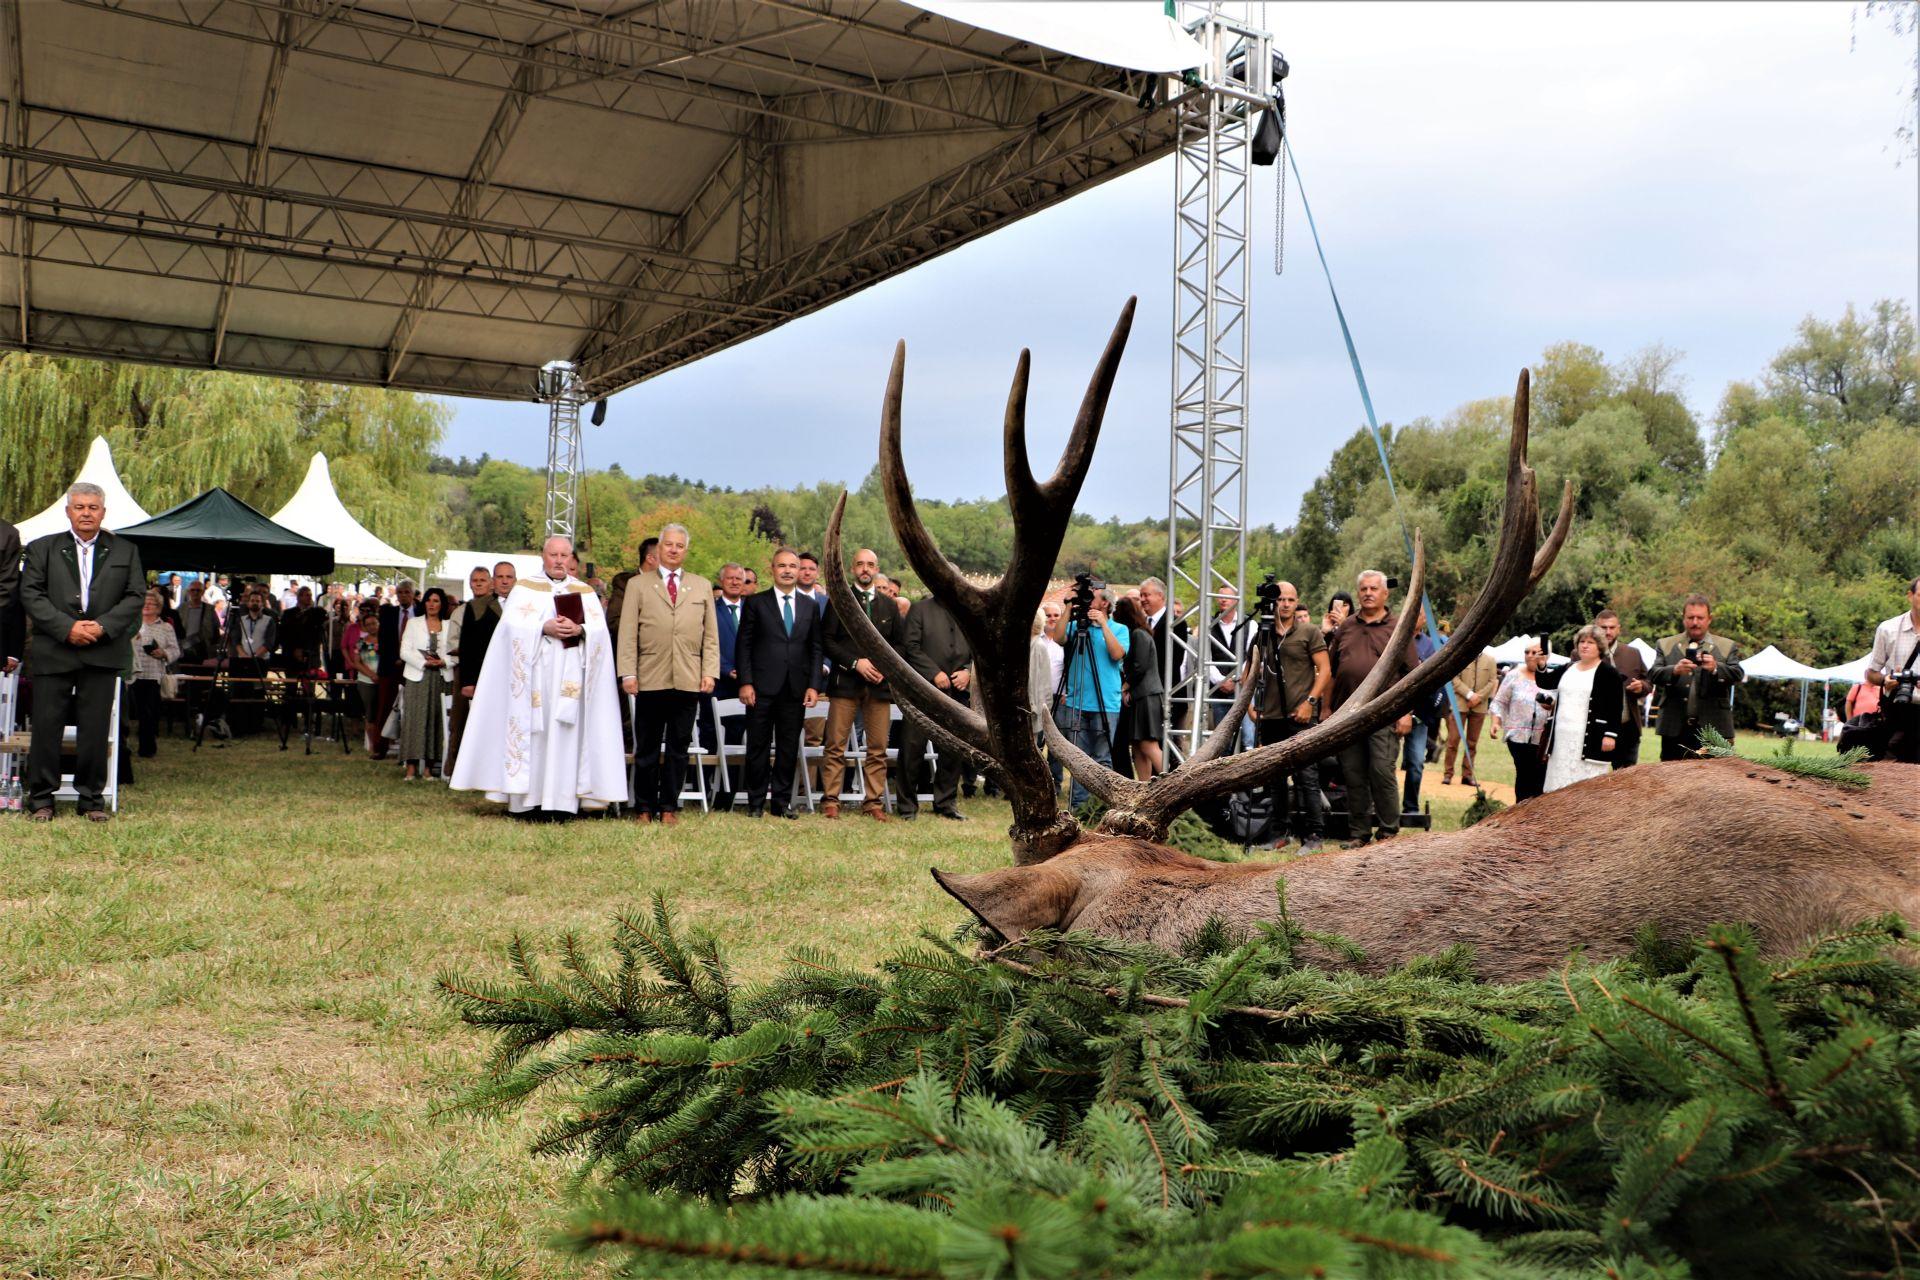 Országos Vadásznapot és Vadgasztronómiai Fesztivált rendeztek a Sokorói Arborétumban